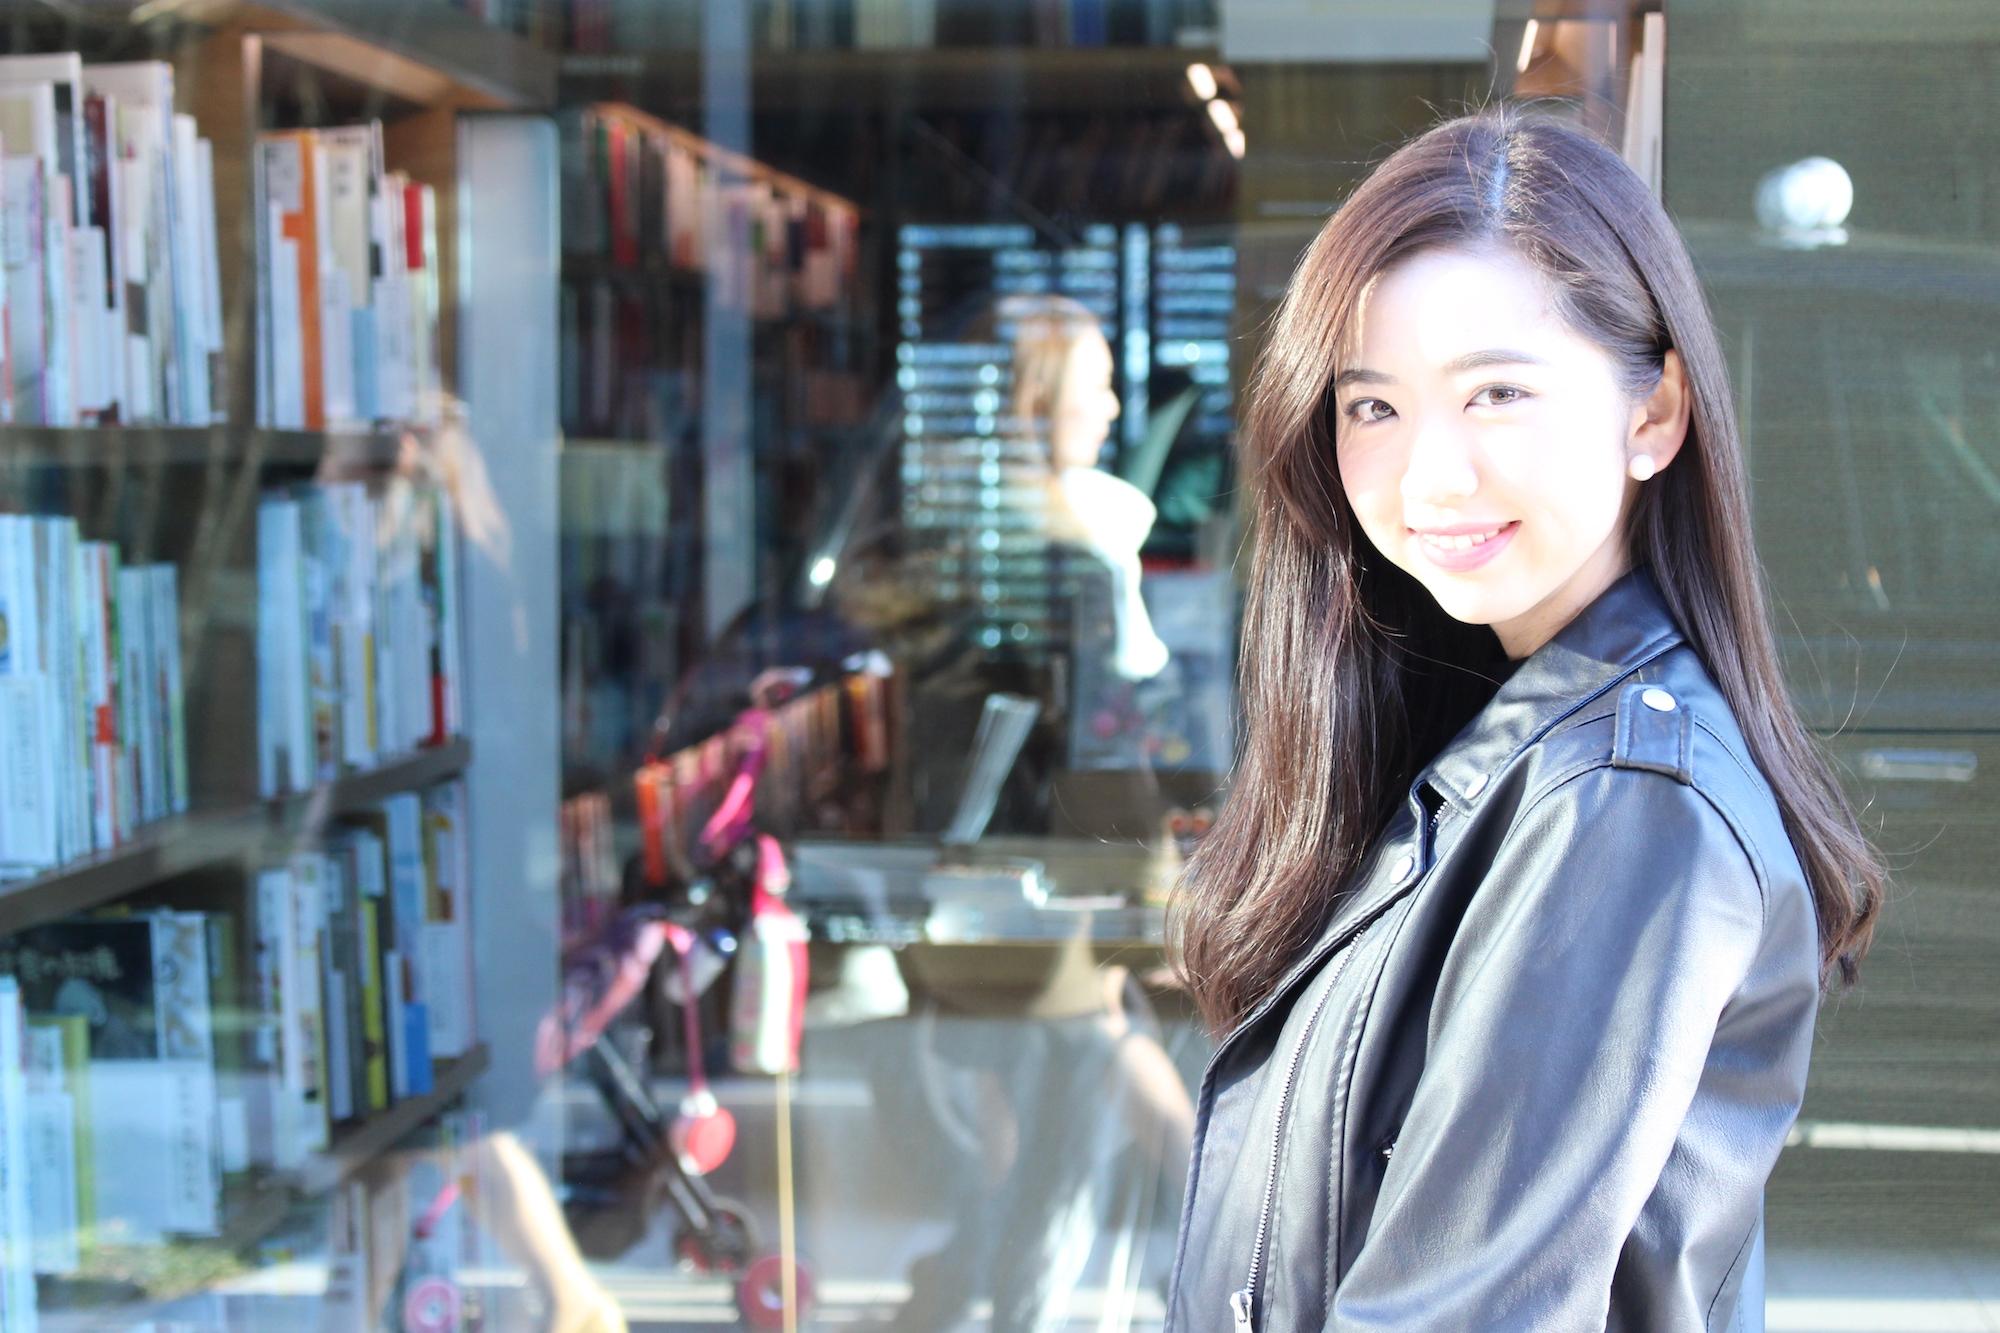 「国際的なエンターテイナーに」——元AKB48「Team 8」濵松里緒菜さんインタビュー